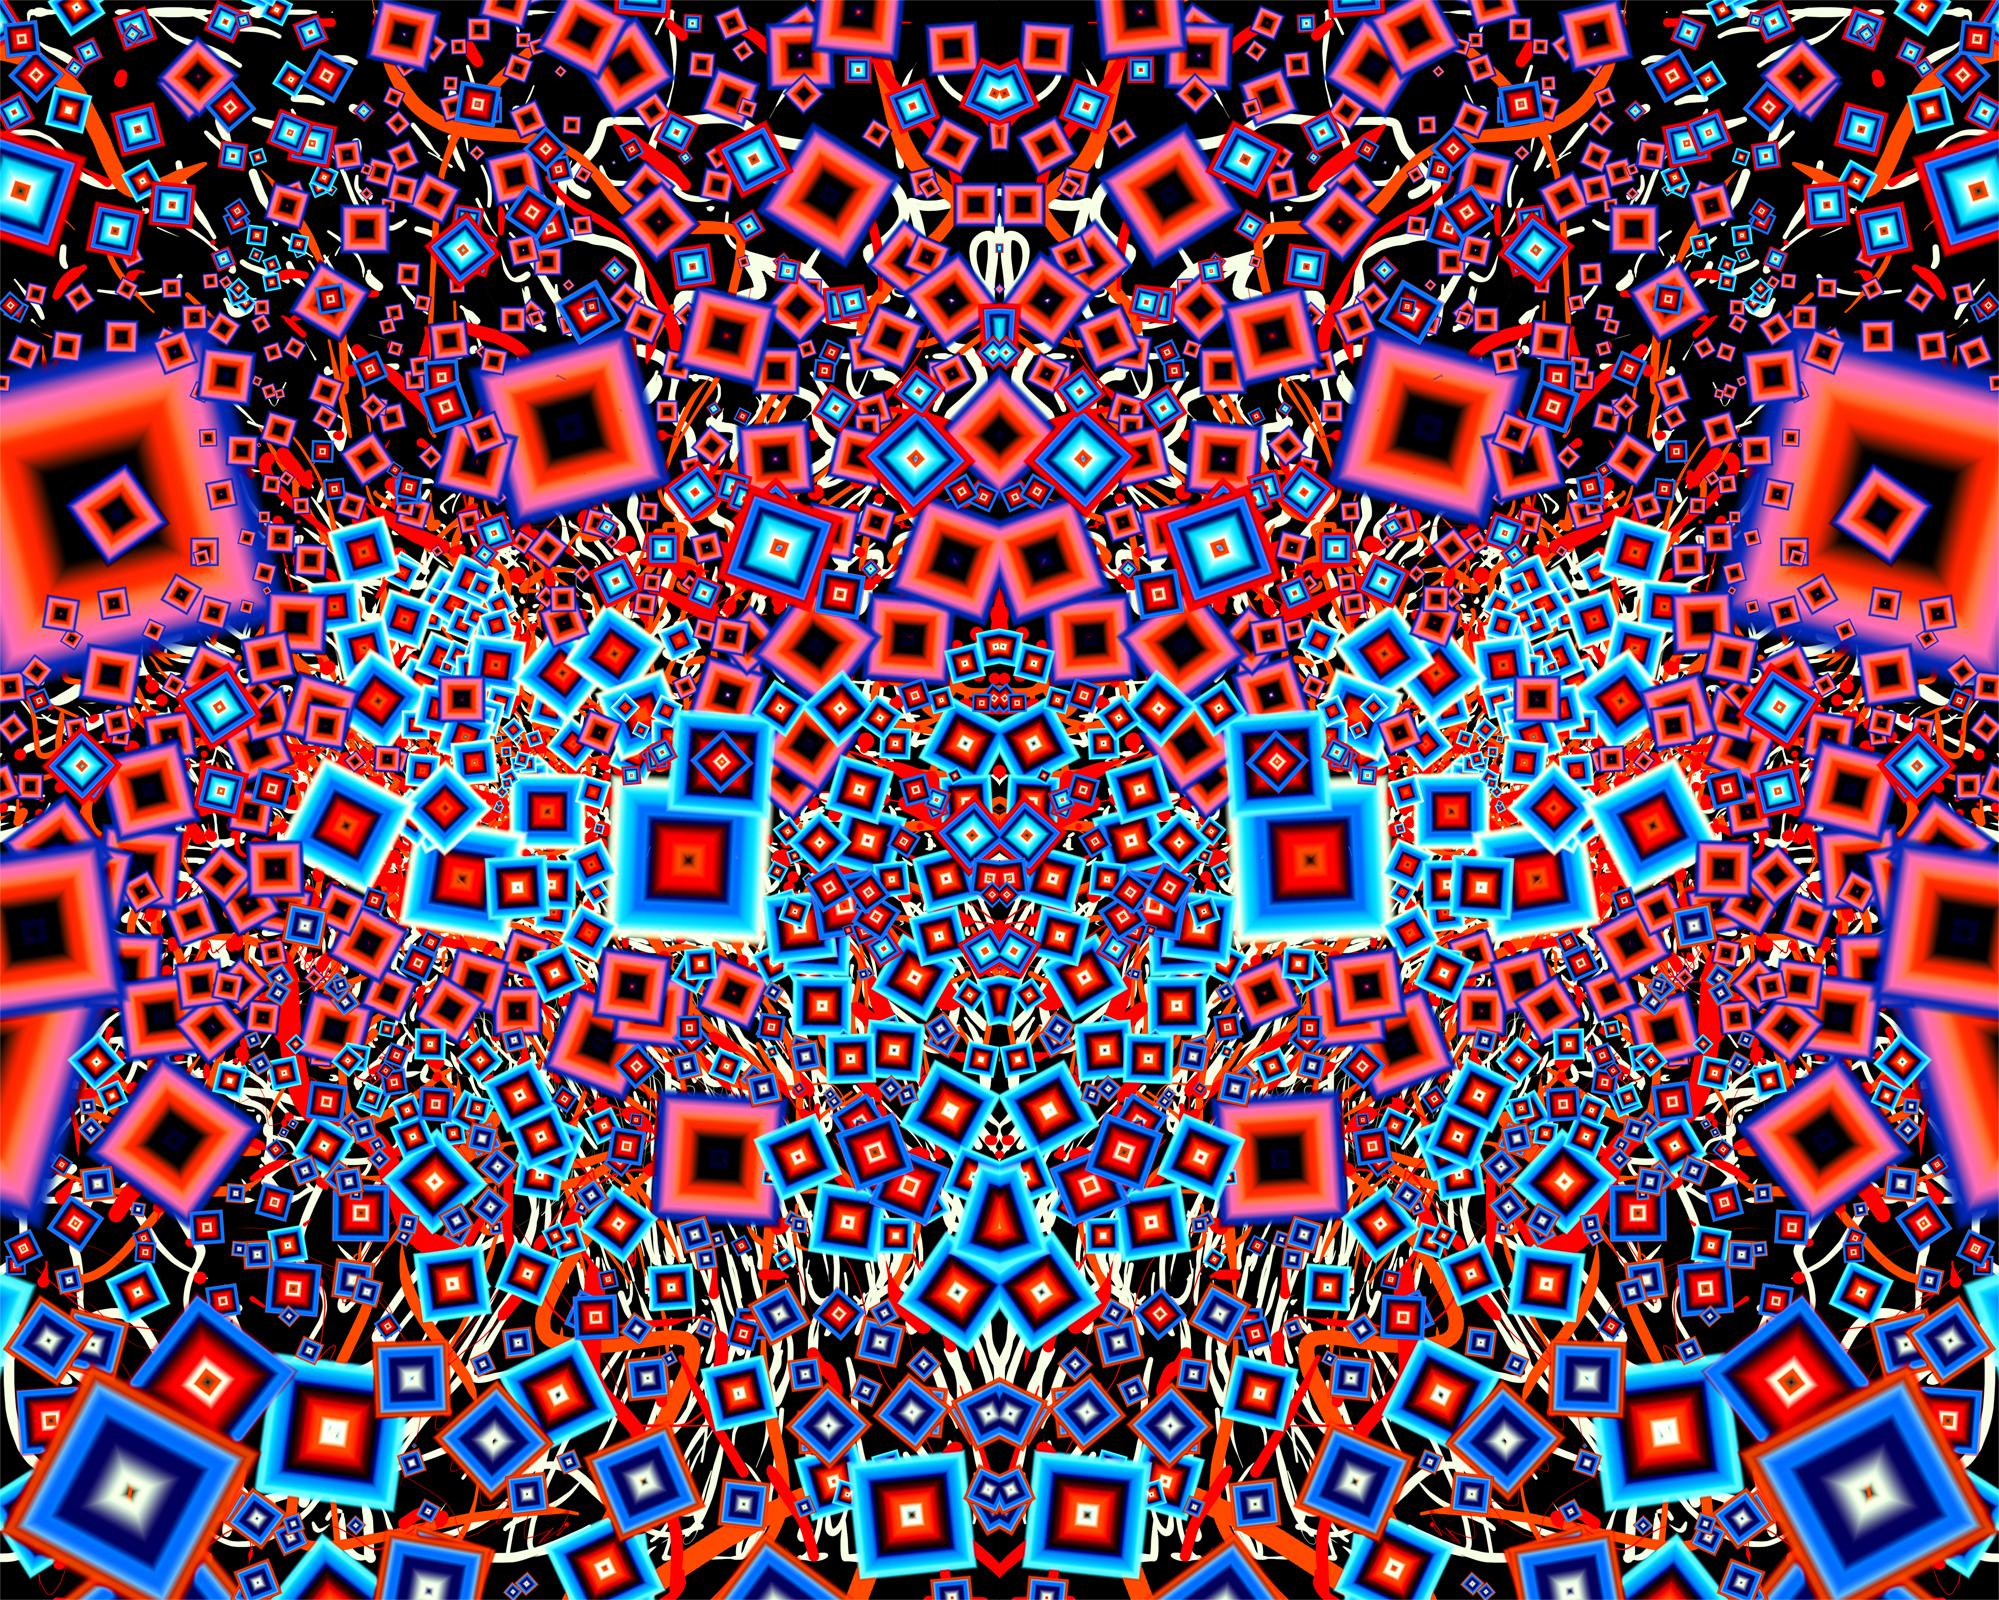 Pattern1 by jspsfx